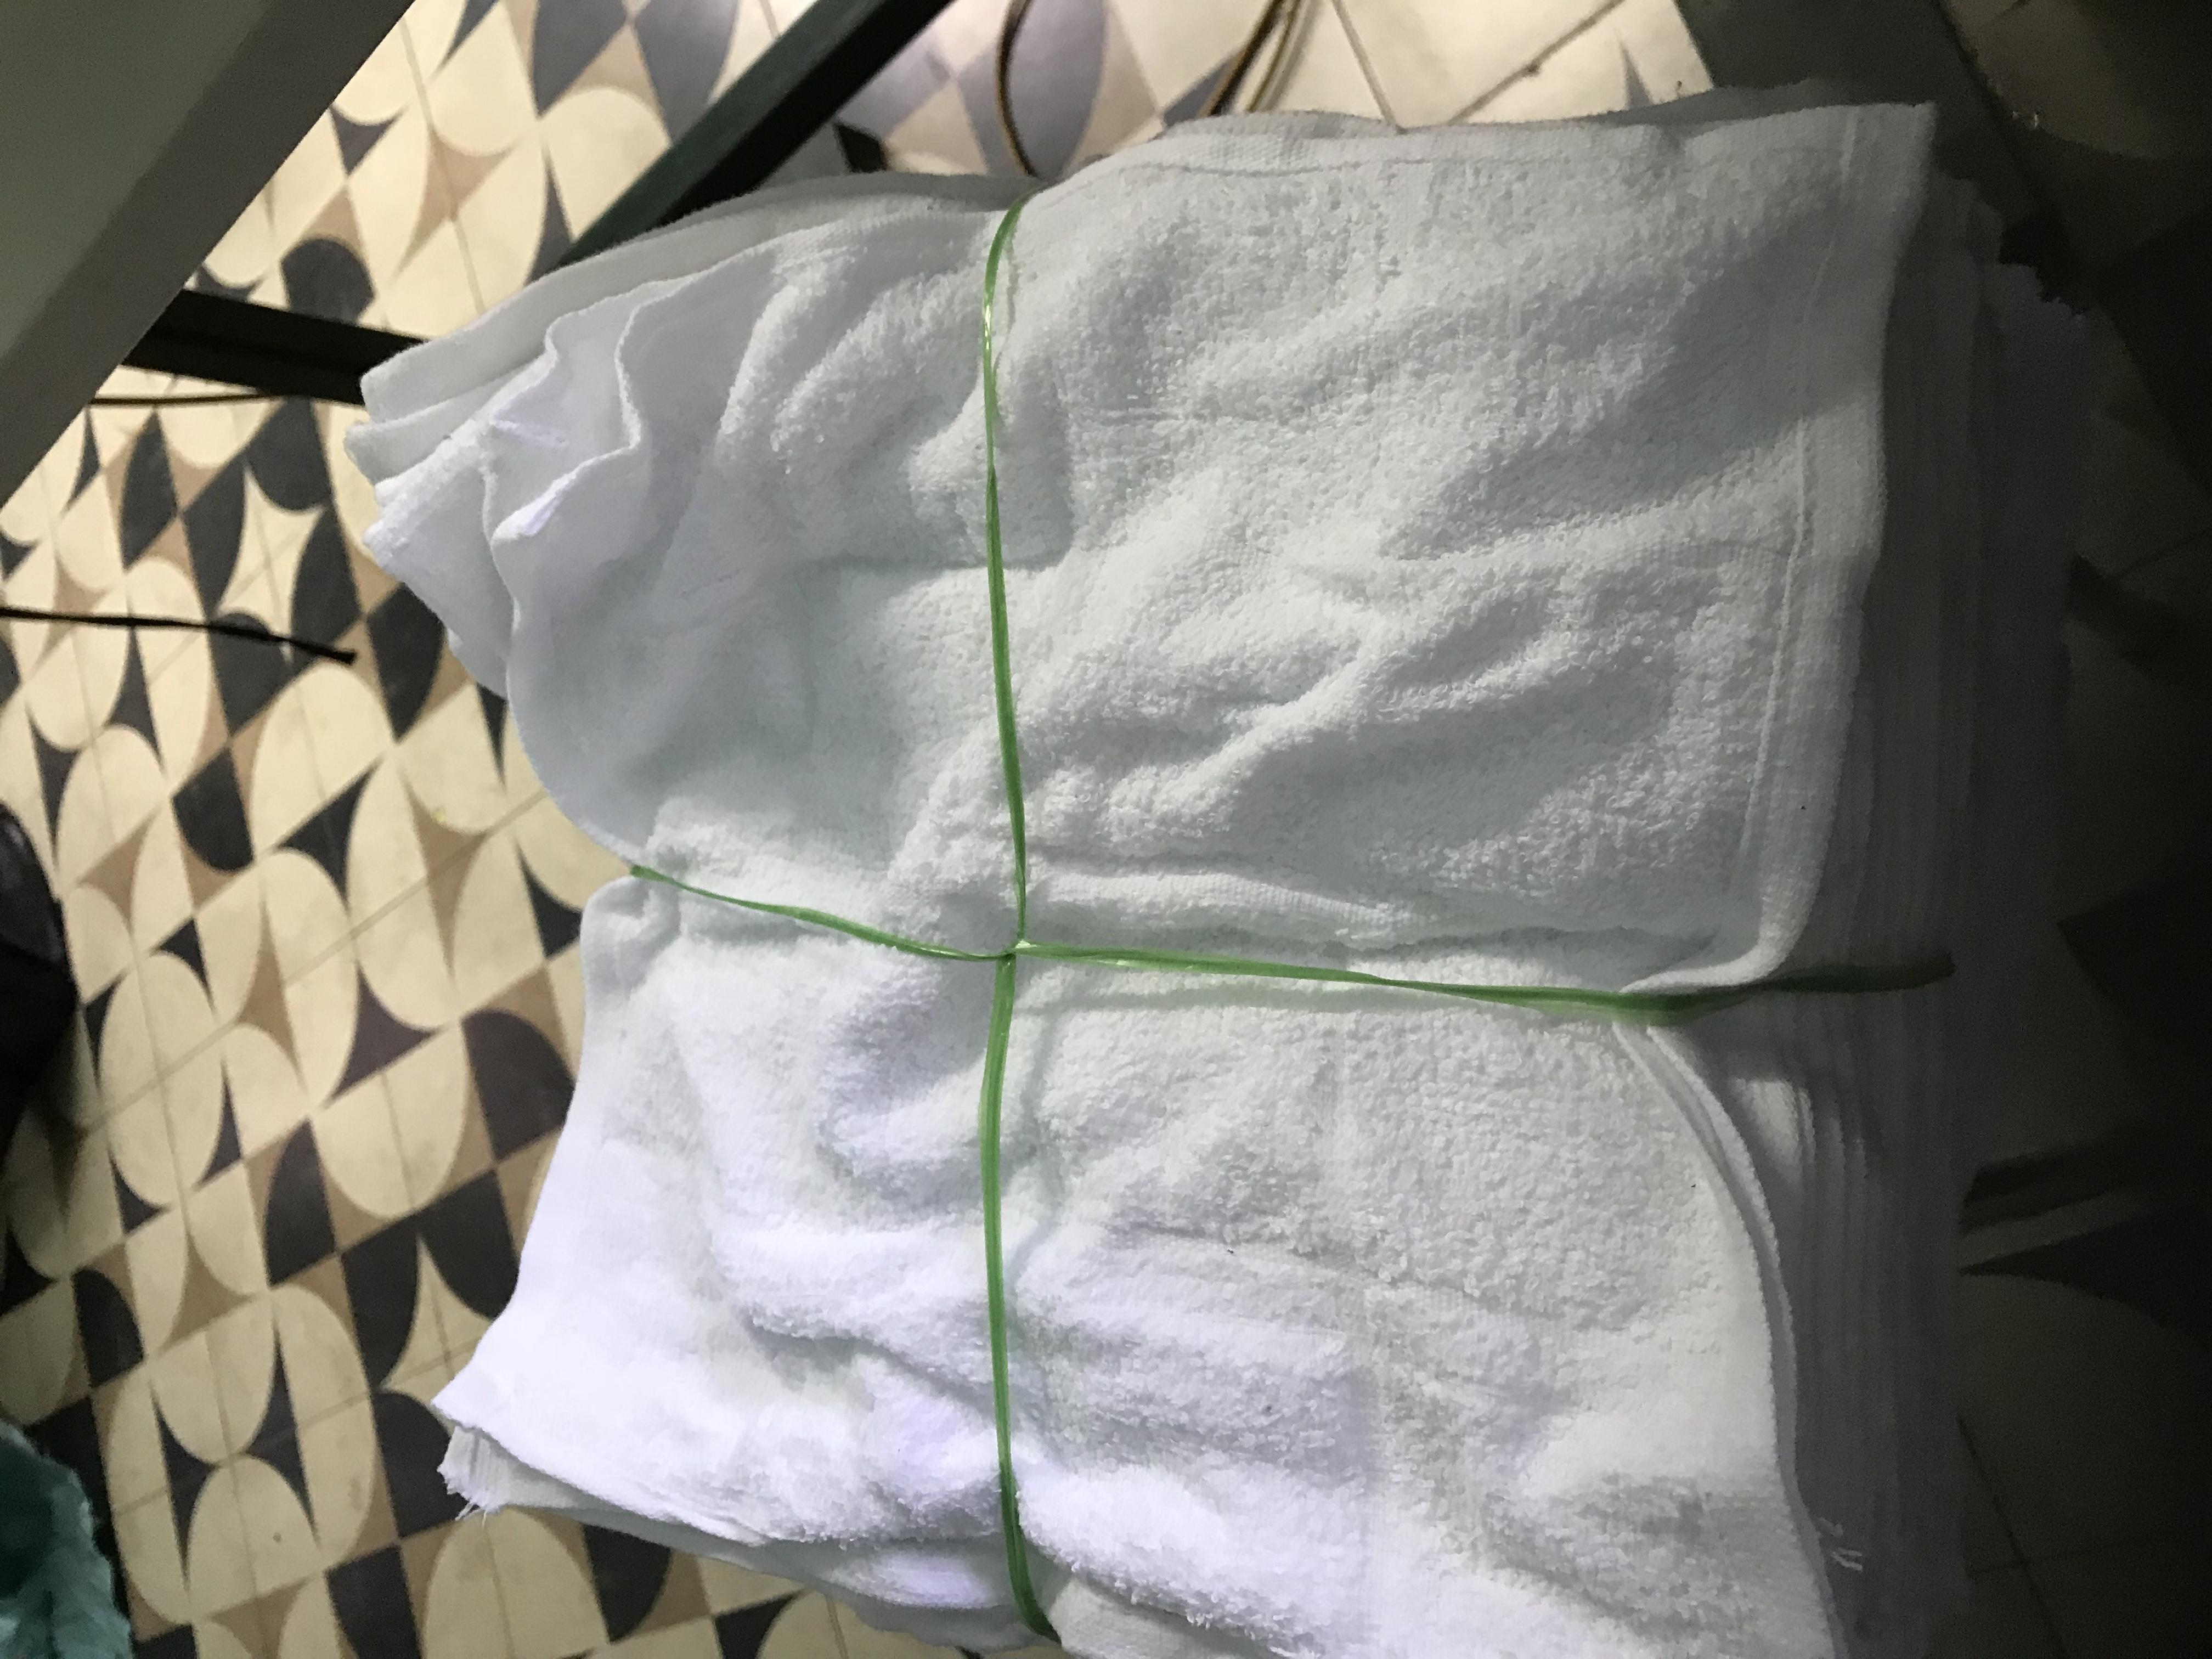 Bảo hộ -văn phòng phẩm-  tạp phẩm-  vệ sinh  -thu gom phế liệu zalo  0912677982